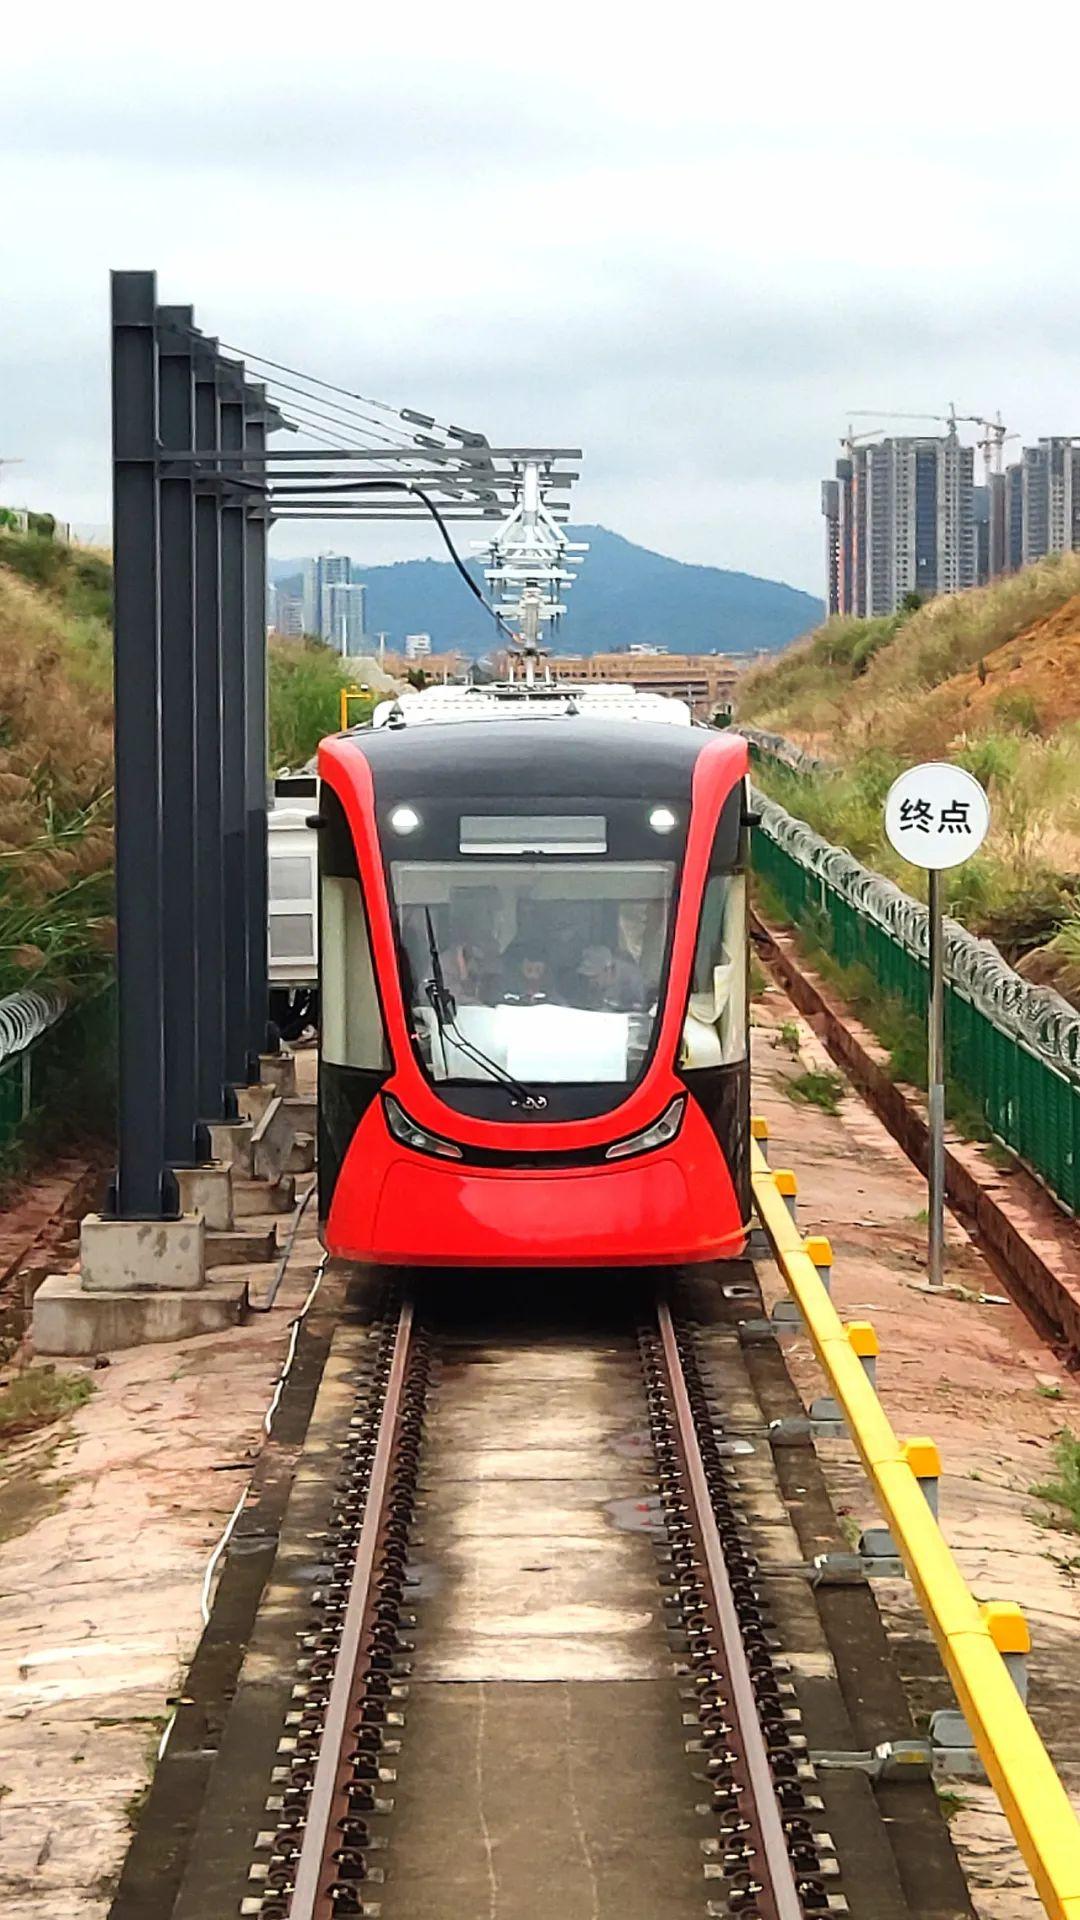 【关注】酷炫!首批云南制造现代有轨电车亮相文山,游普者黑更方便啦